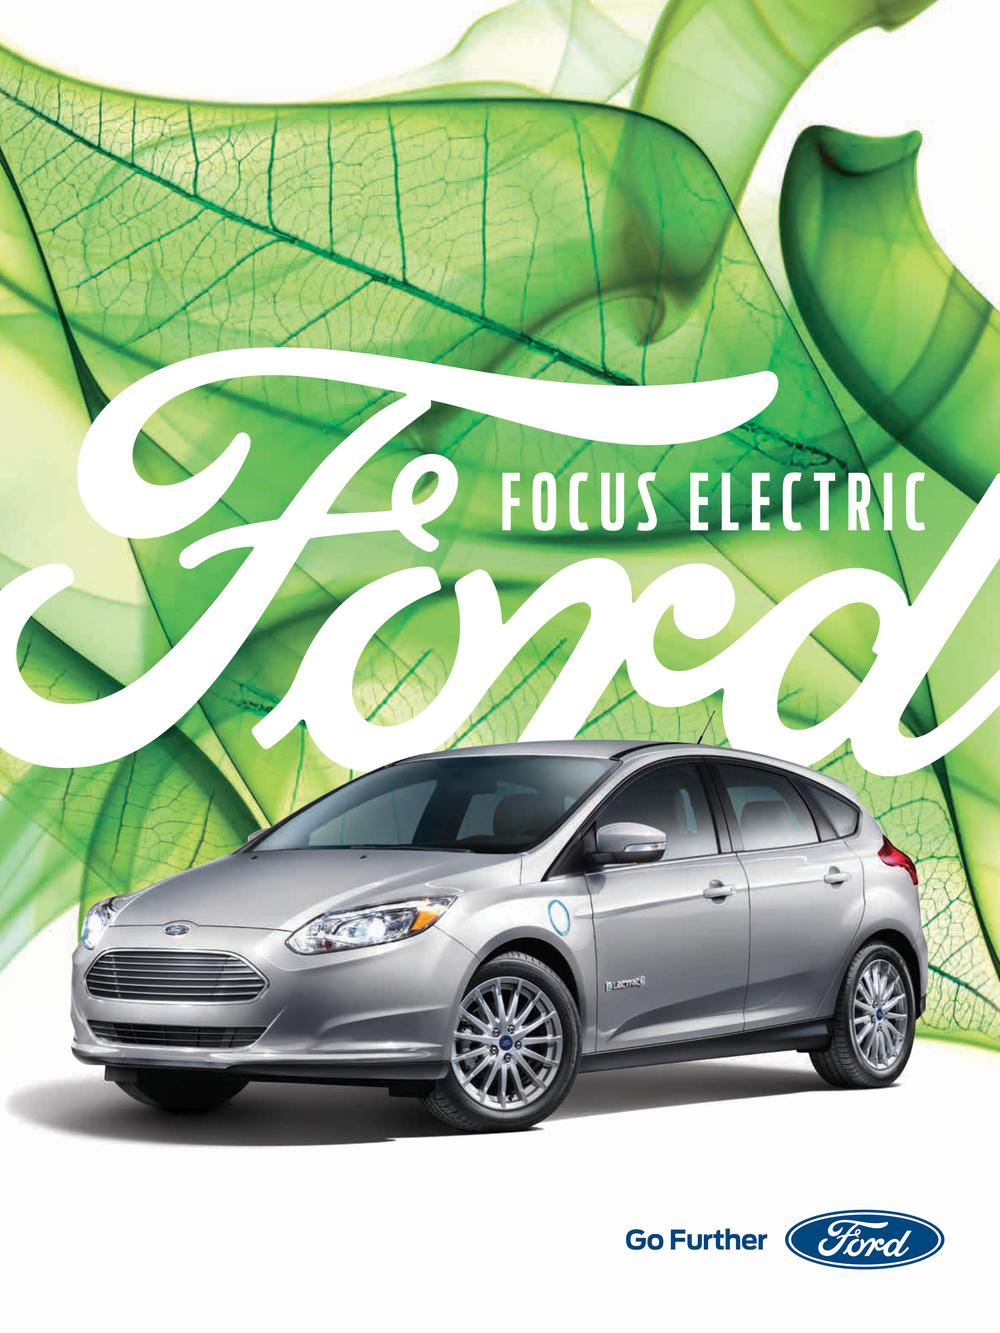 Focus Electric